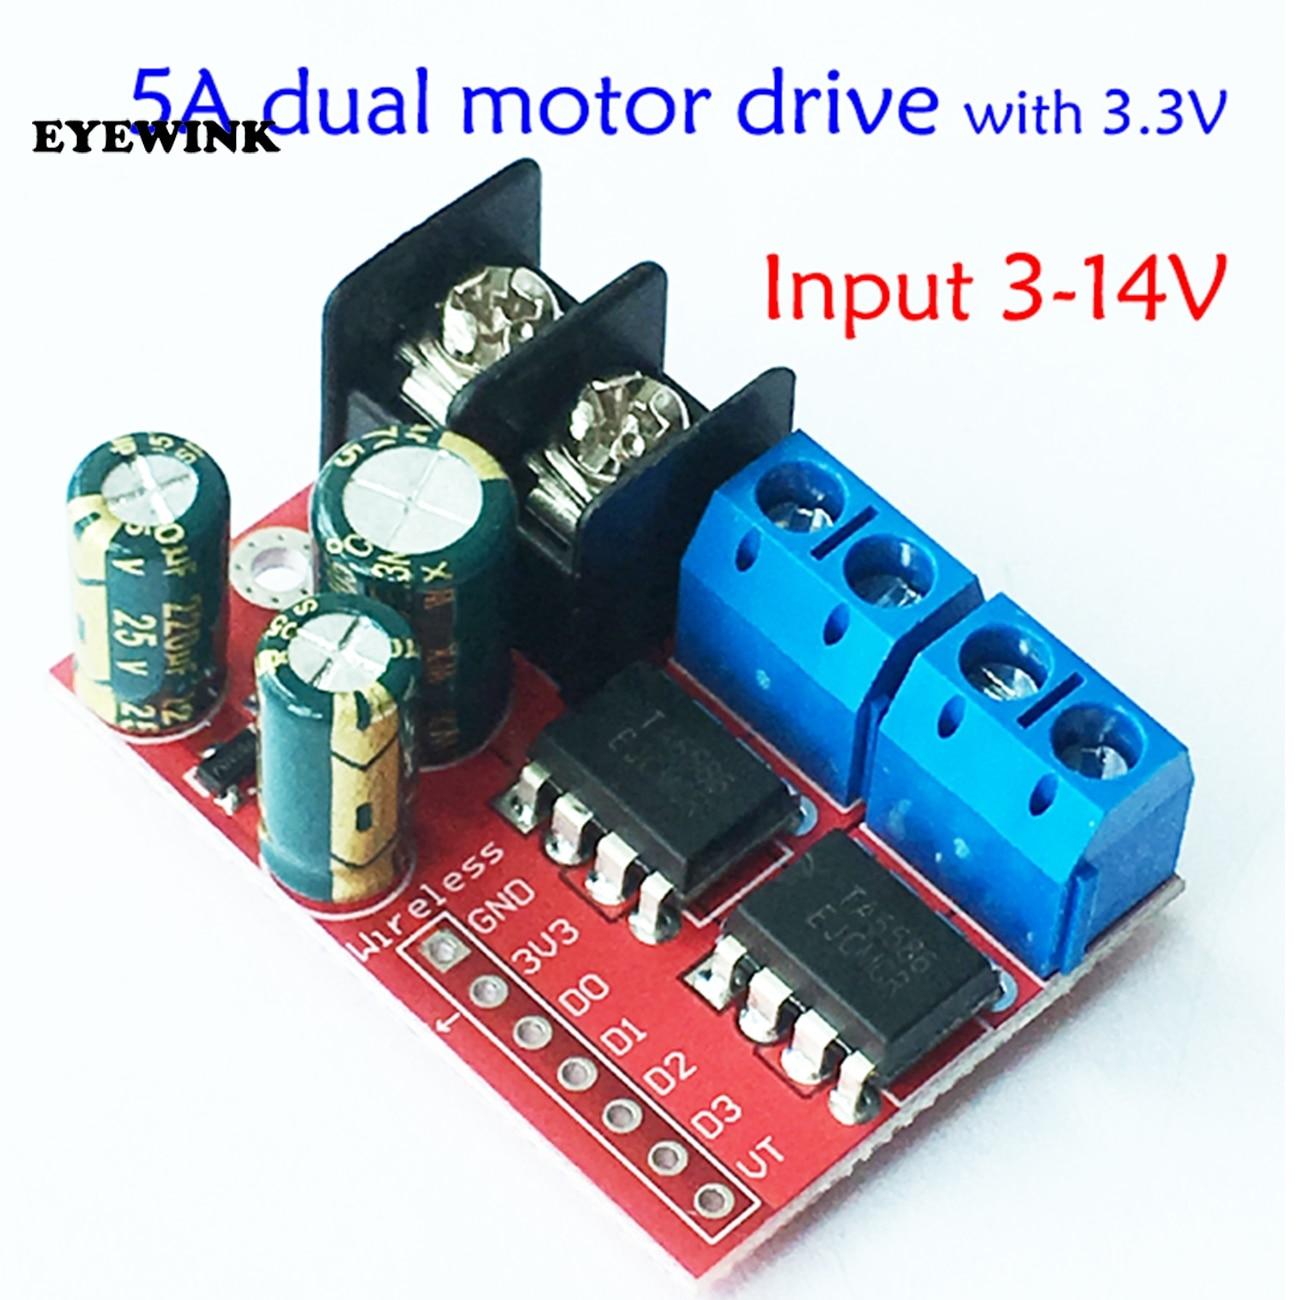 Двойной модуль привода двигателя постоянного тока 5A может управляться с помощью пульта дистанционного управления, регулировка скорости об...